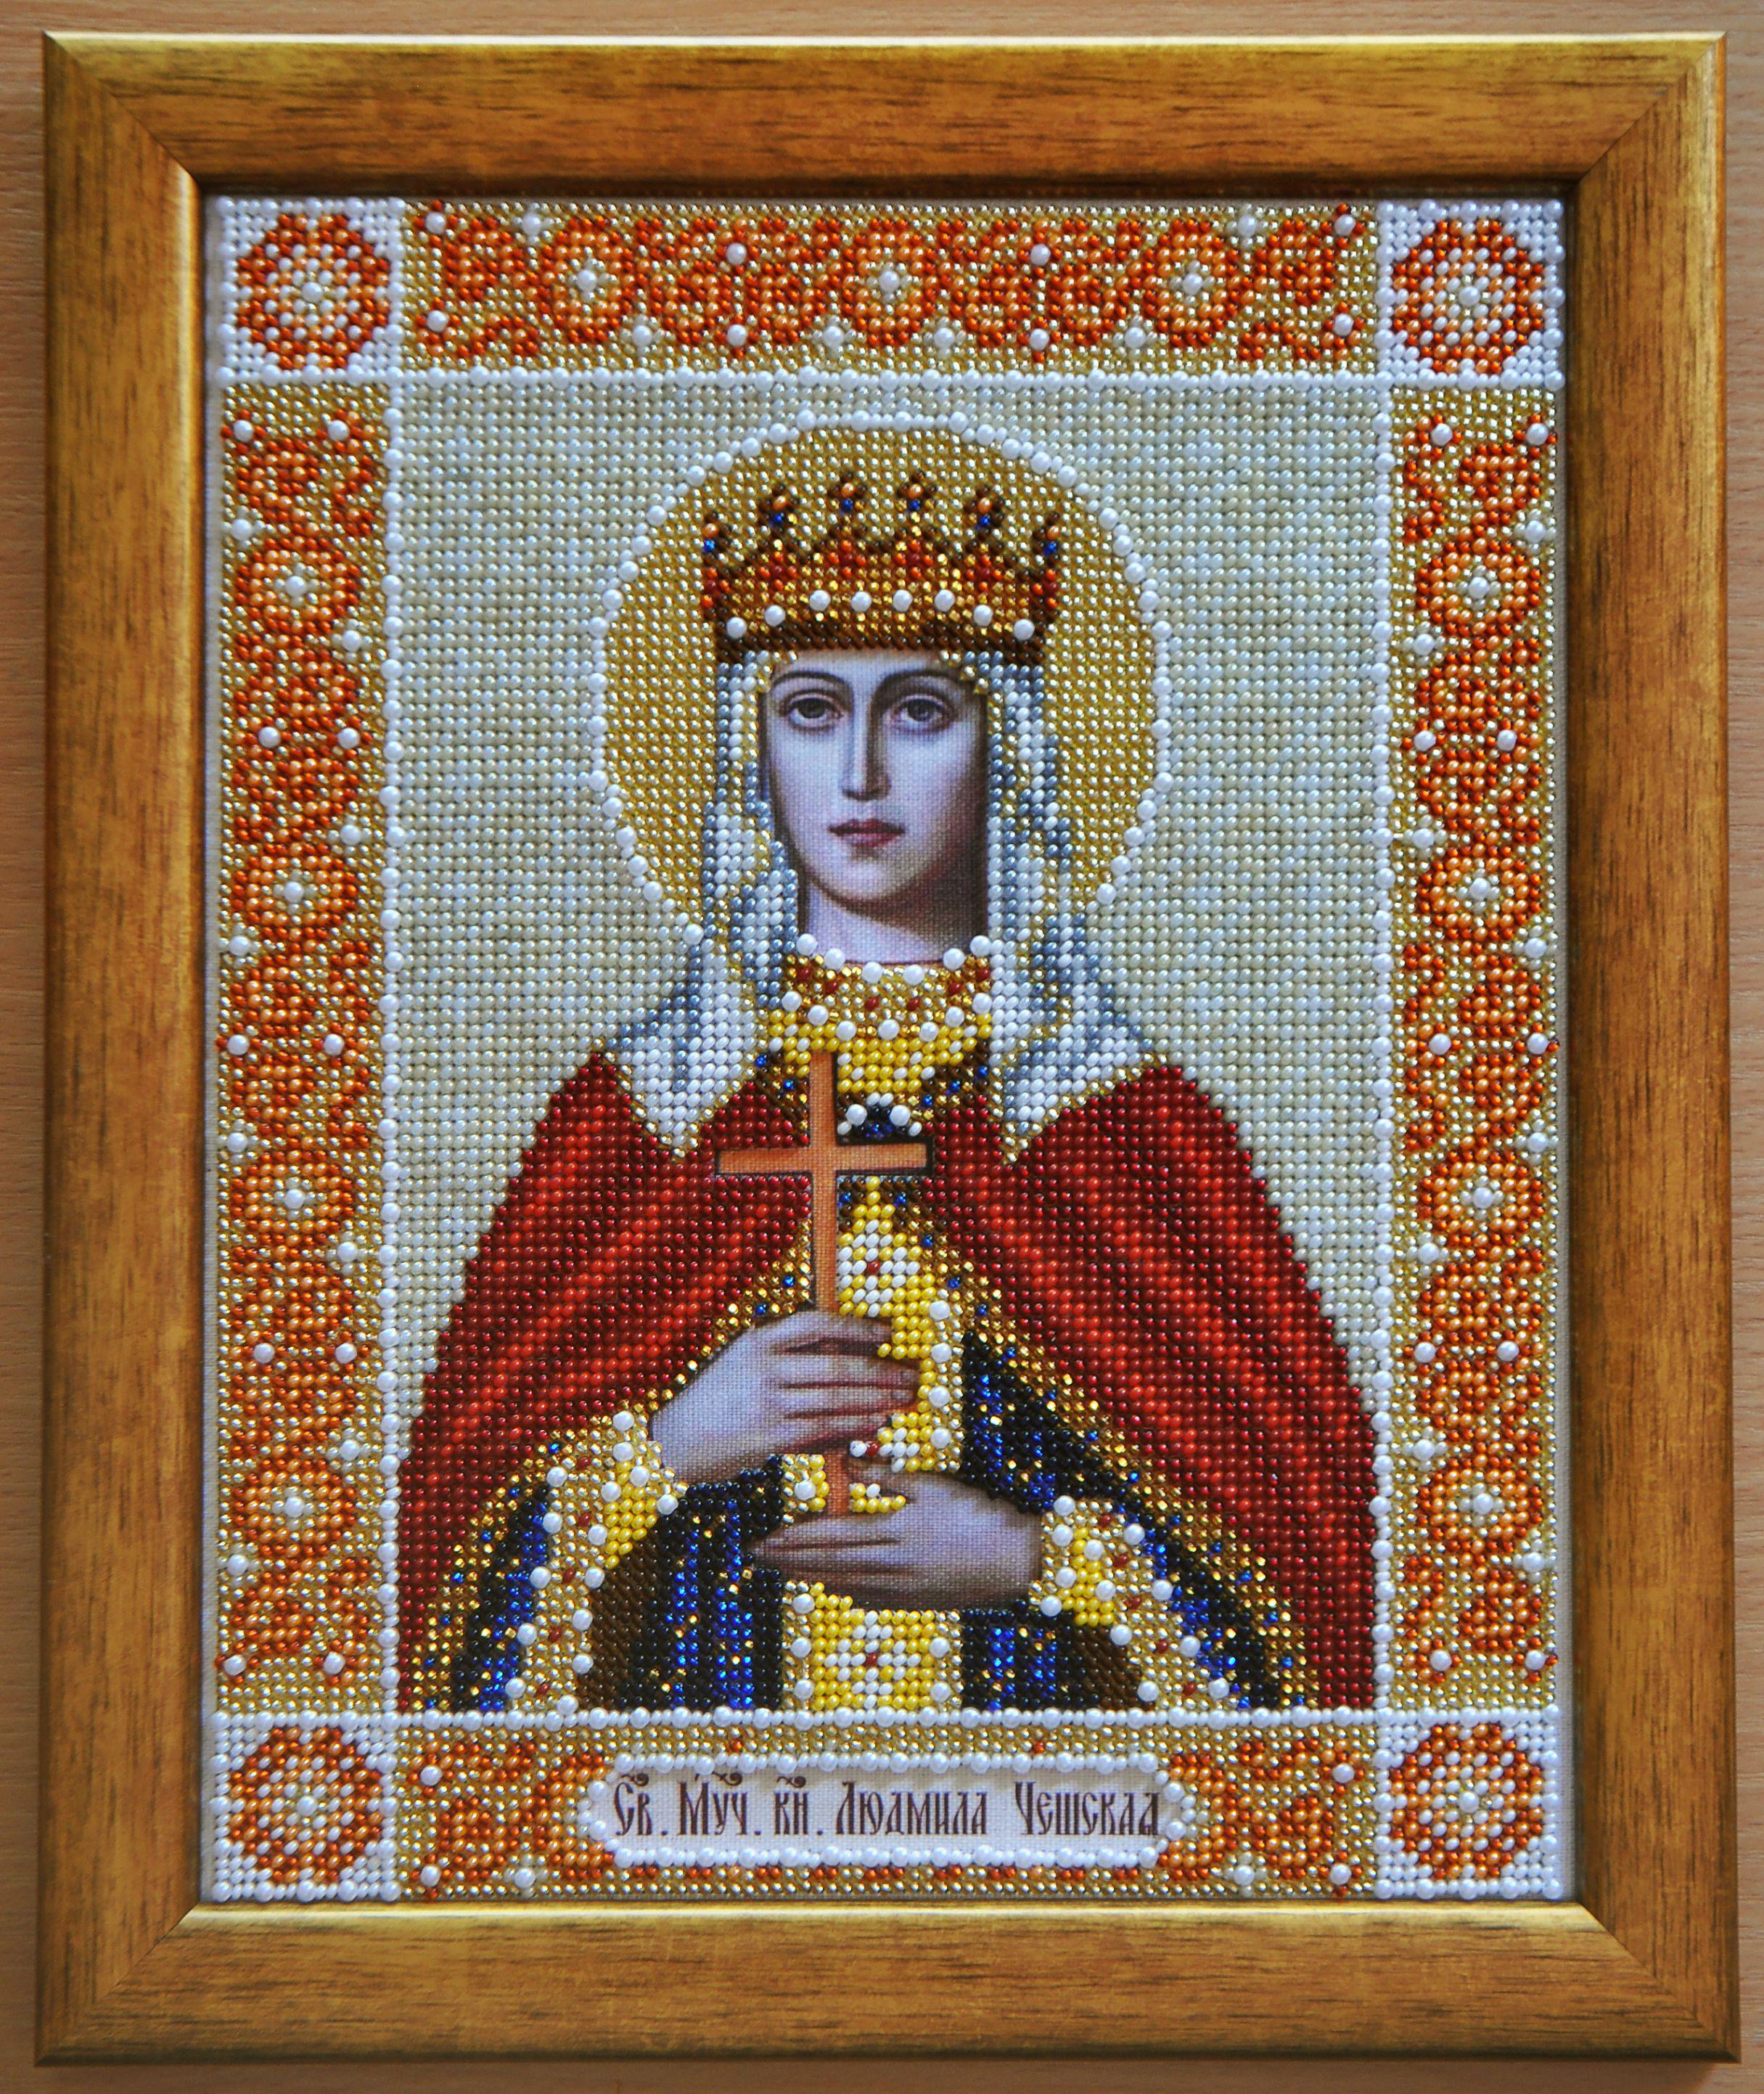 на вышивка икона день рождения бисером. год новый размер деревянной 21см*25см. раме. религия изображение чешская) святого. (людмила крестины. вера рама. праздник технике подарок в